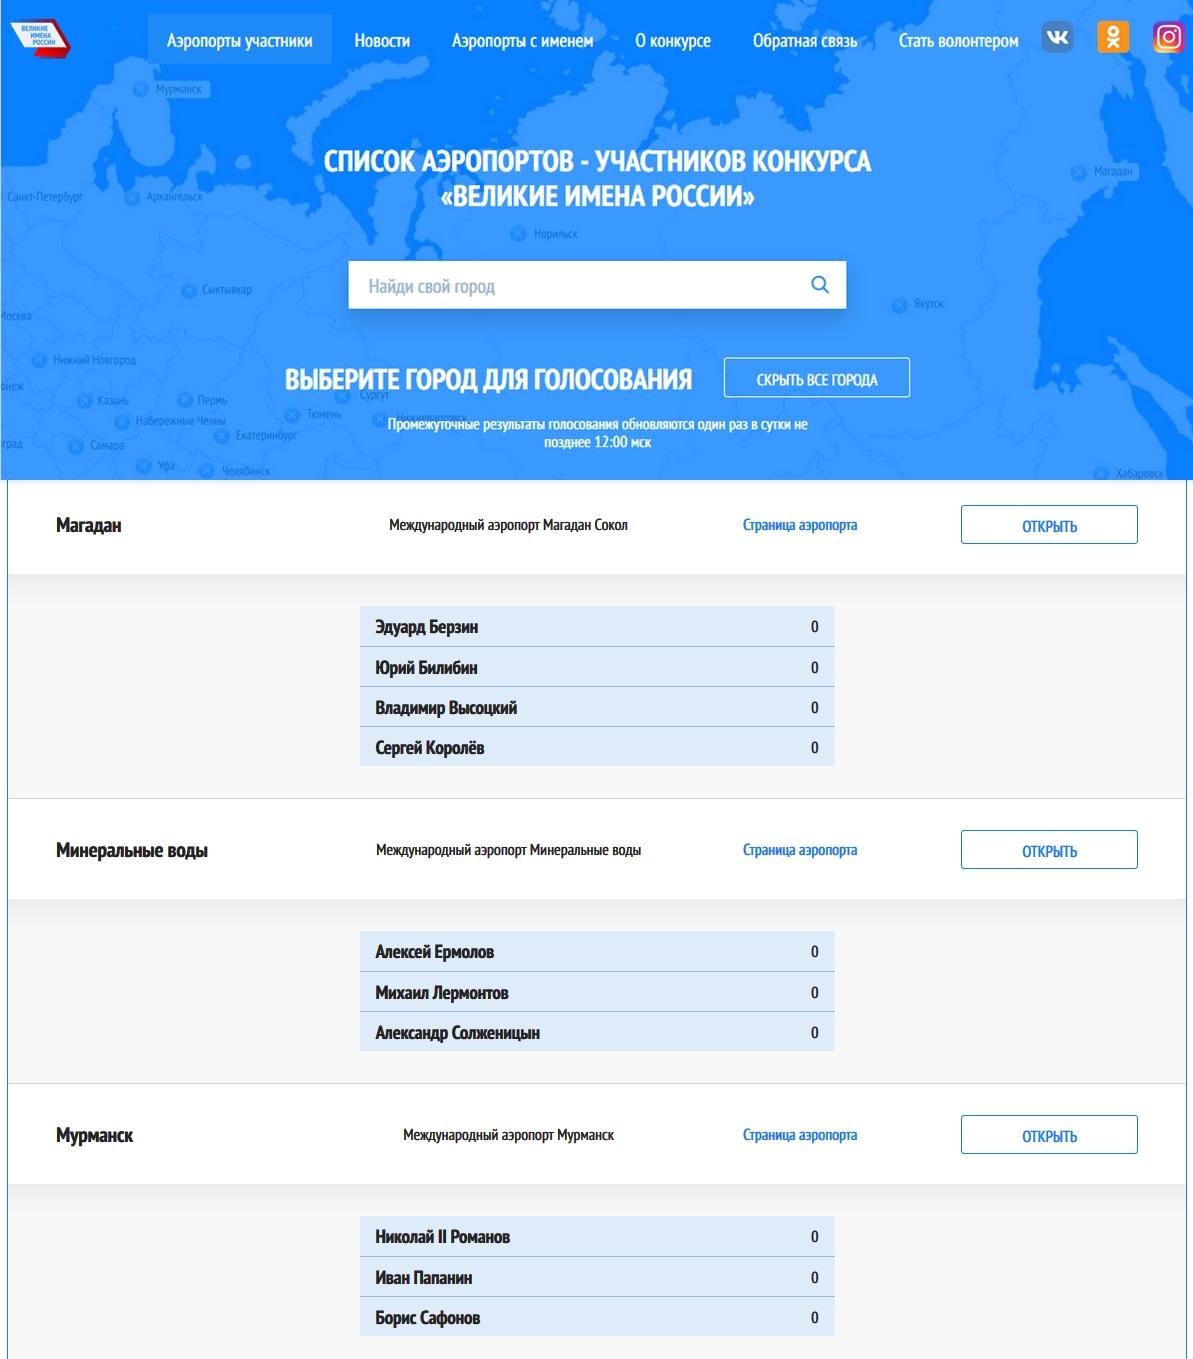 Список аэропортов - участников конкурса «Великие имена России»-pic3